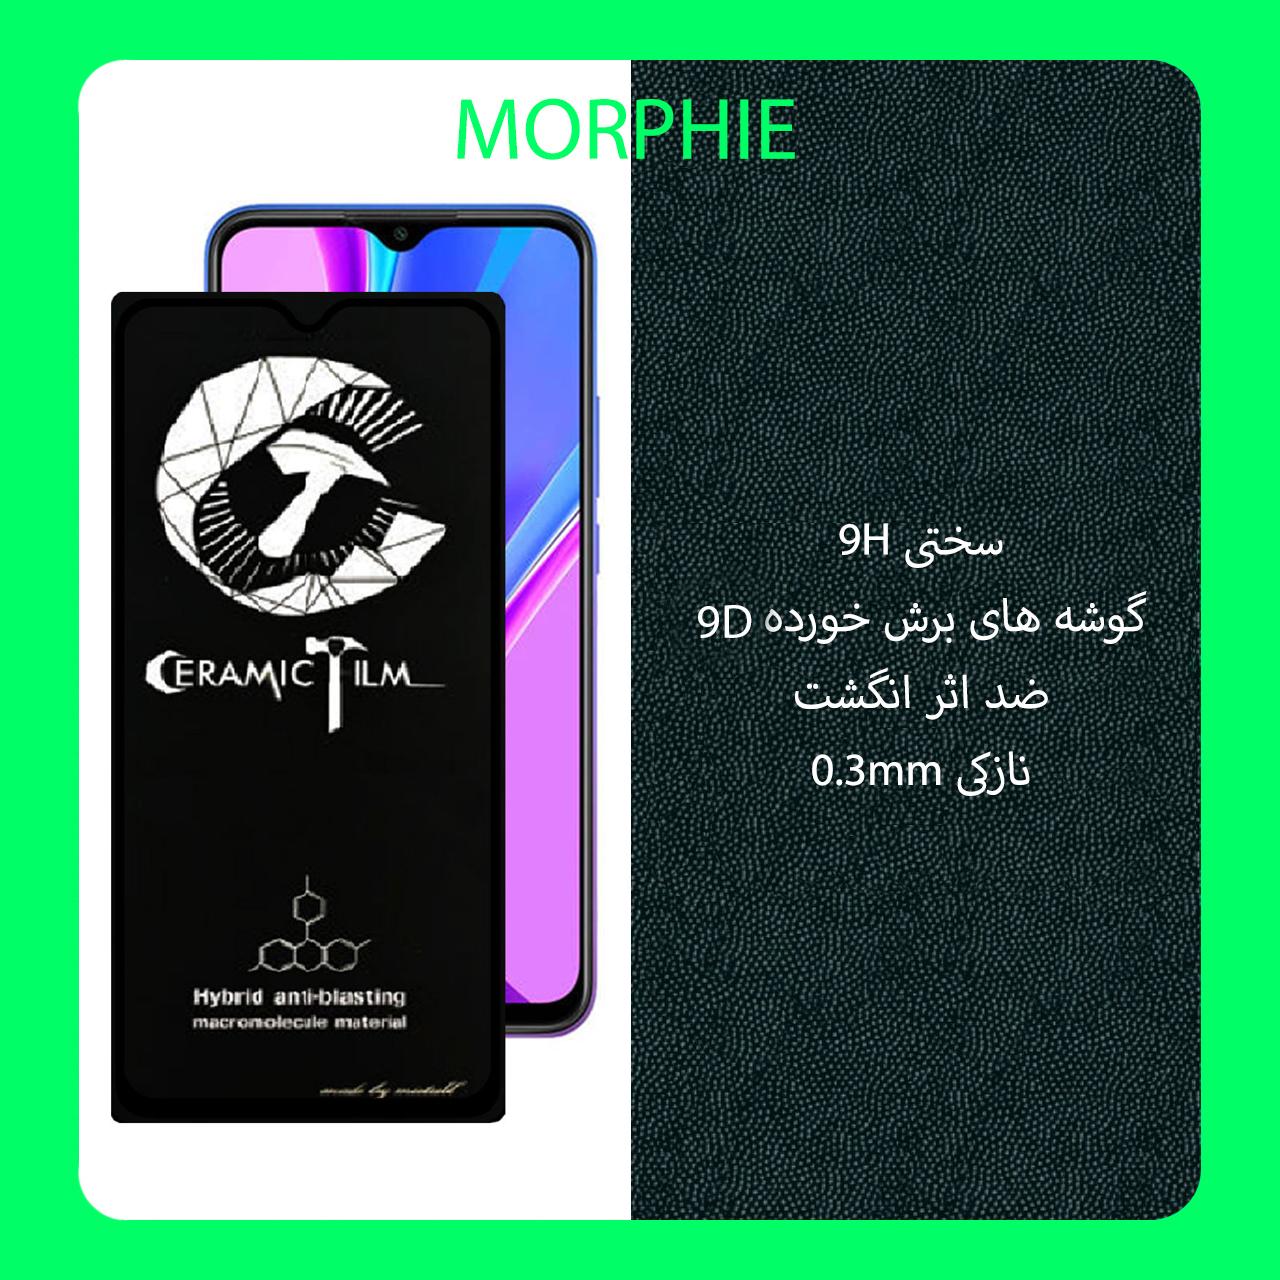 محافظ صفحه نمایش سرامیکی مورفی مدل MEIC مناسب برای گوشی موبایل شیائومی Redmi 9C